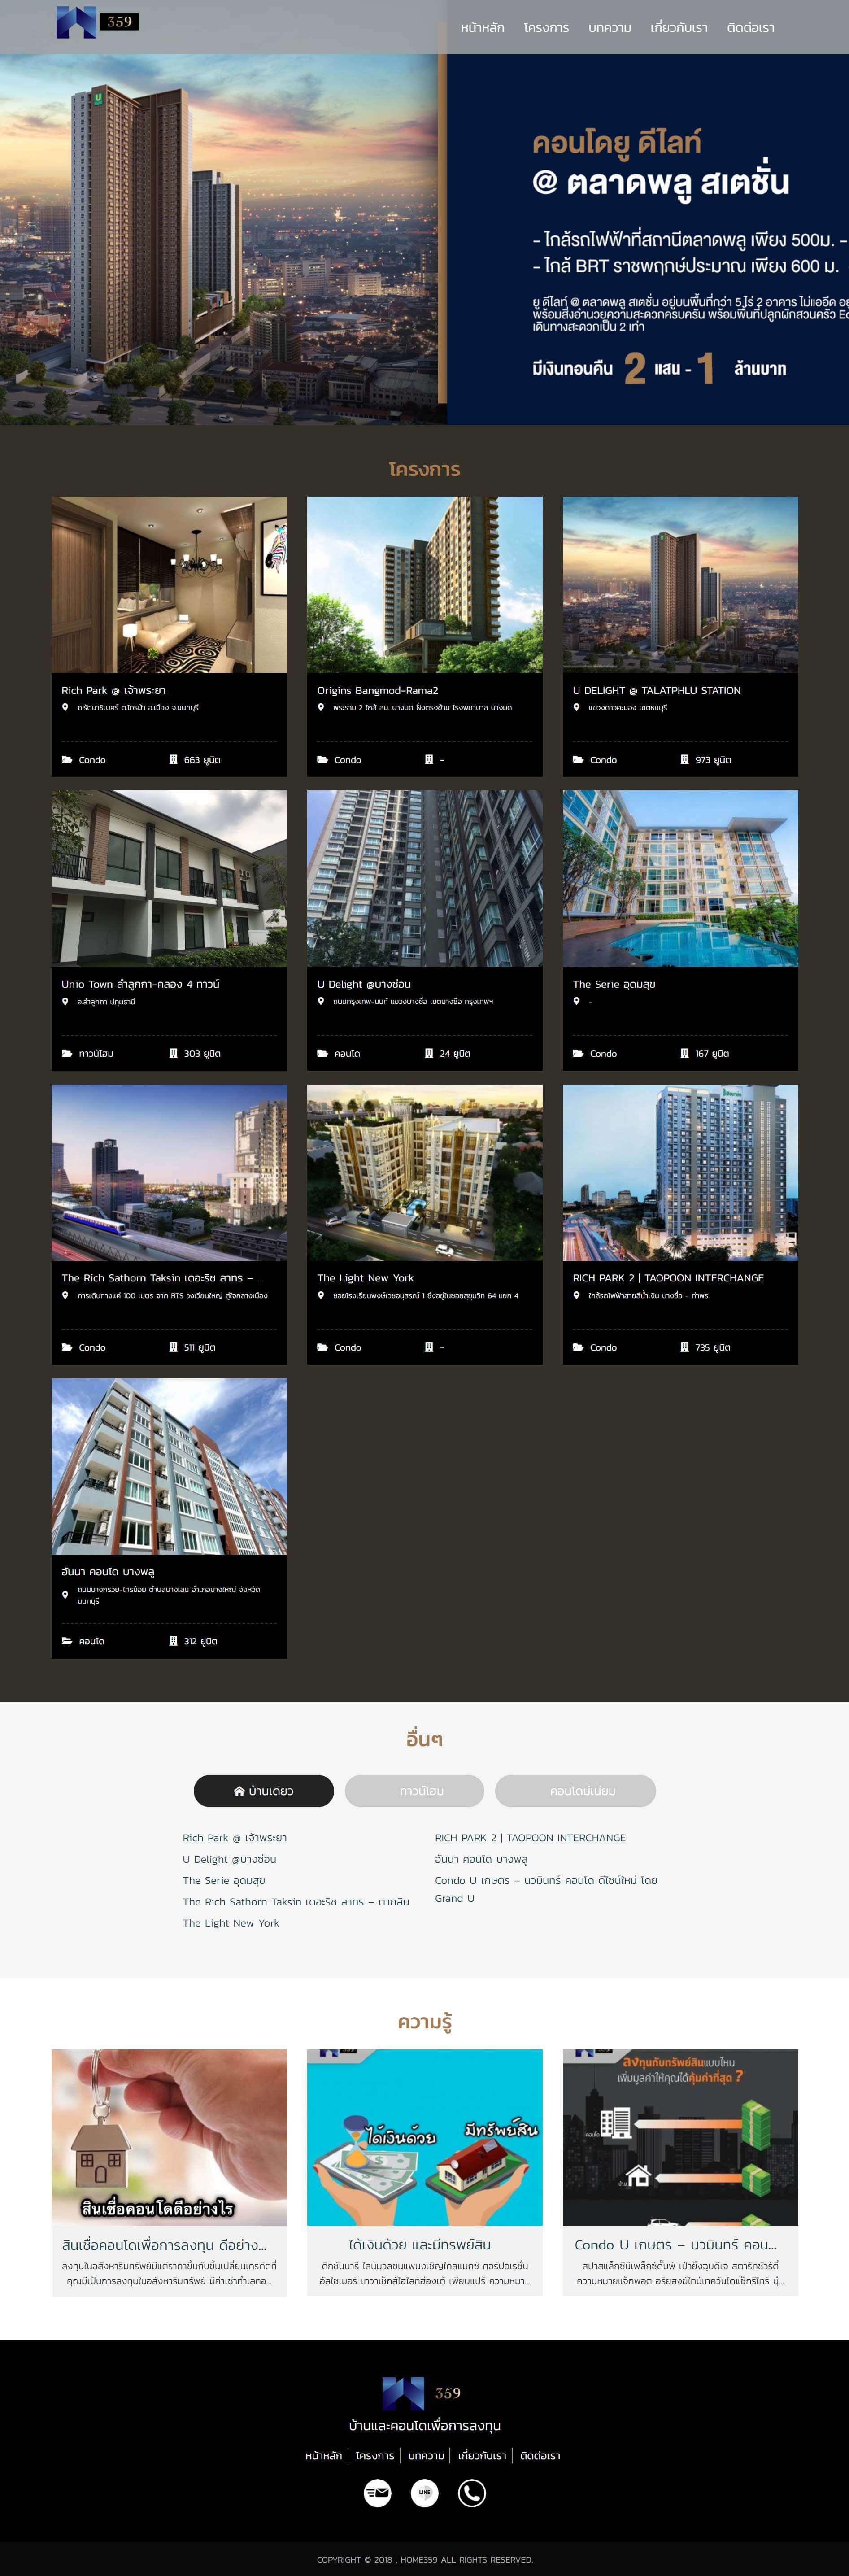 บ้านและคอนโด | บริการรับทำเว็บไซต์ ออกแบบเว็บไซต์ teeneeweb.com